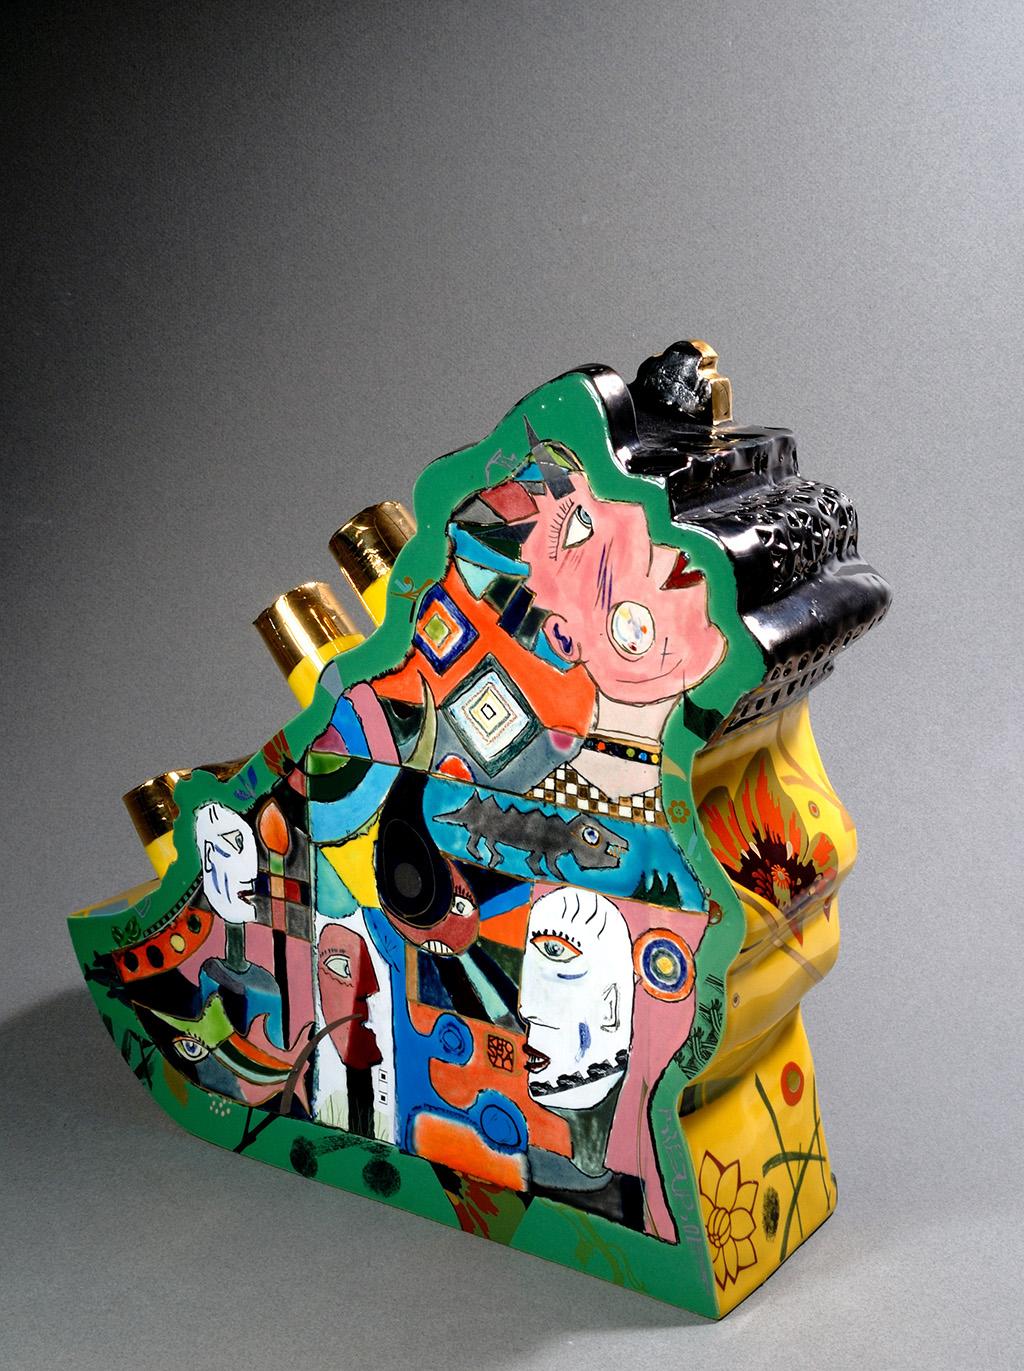 Sculpture_2013_Dragon_02.jpg